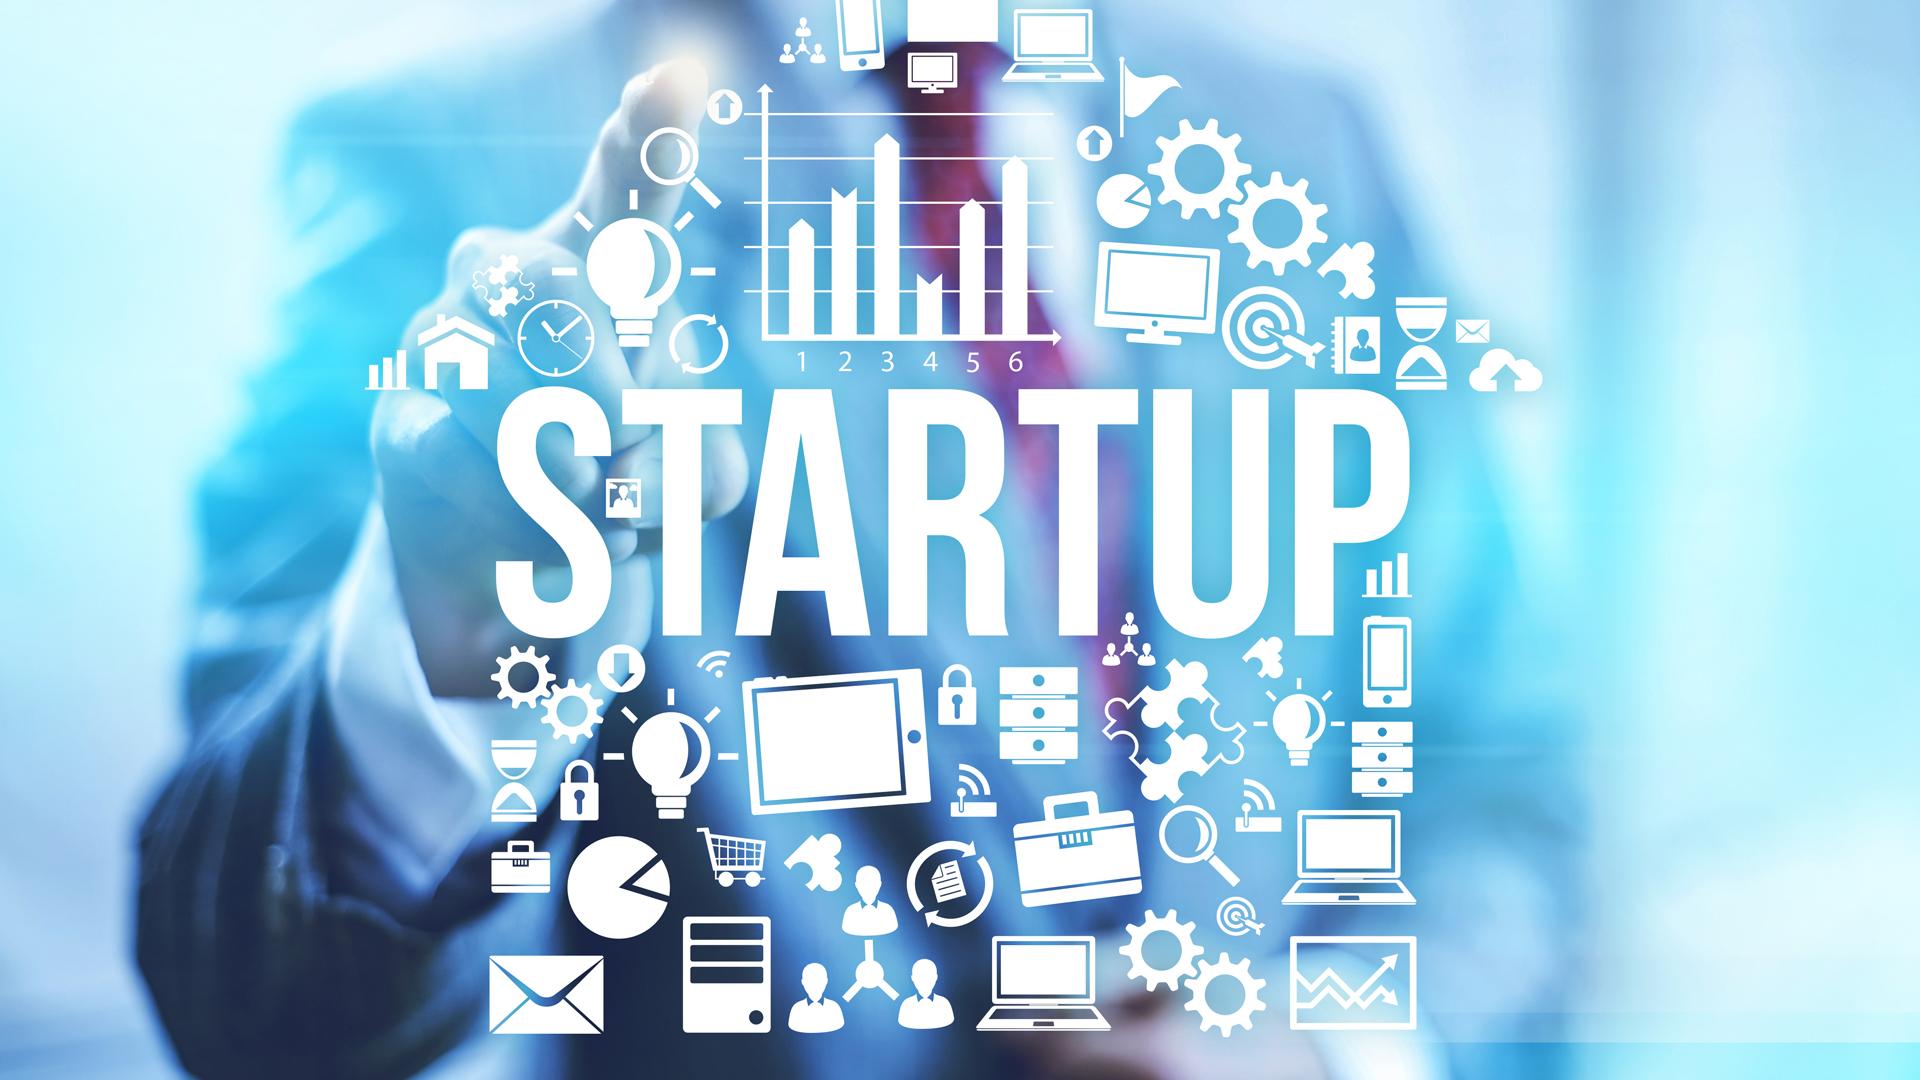 O admirável mundo novo: das Startups